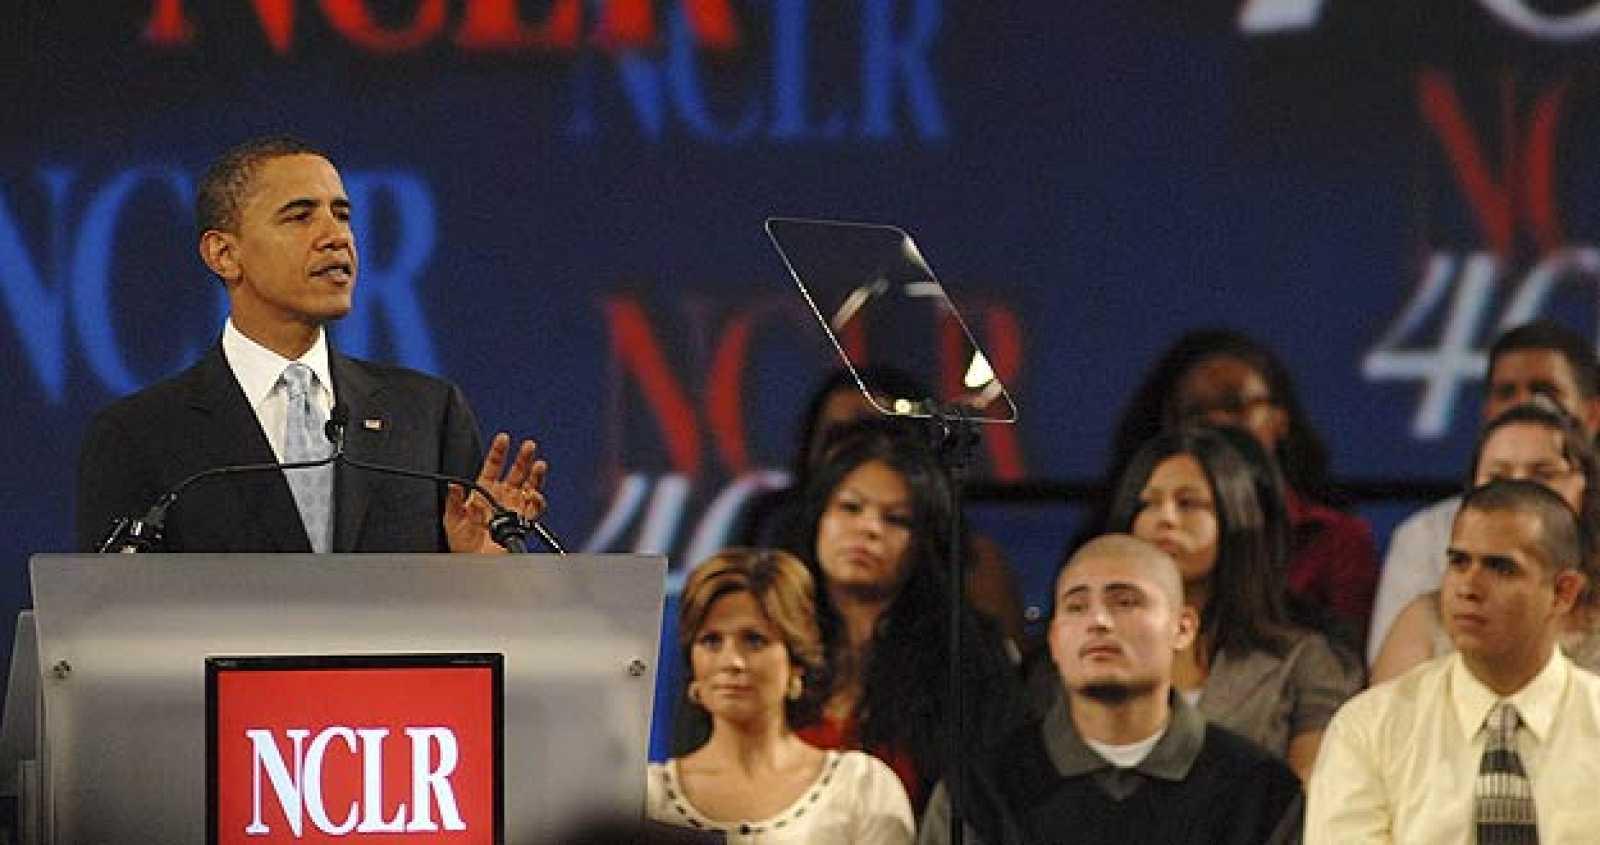 El candidato por el Partido Demócrata a la Presidencia de Estados Unidos, Barack Obama (i), pronuncia un discurso en la Conferencia Anual del Consejo Nacional de La Raza en San Diego, California